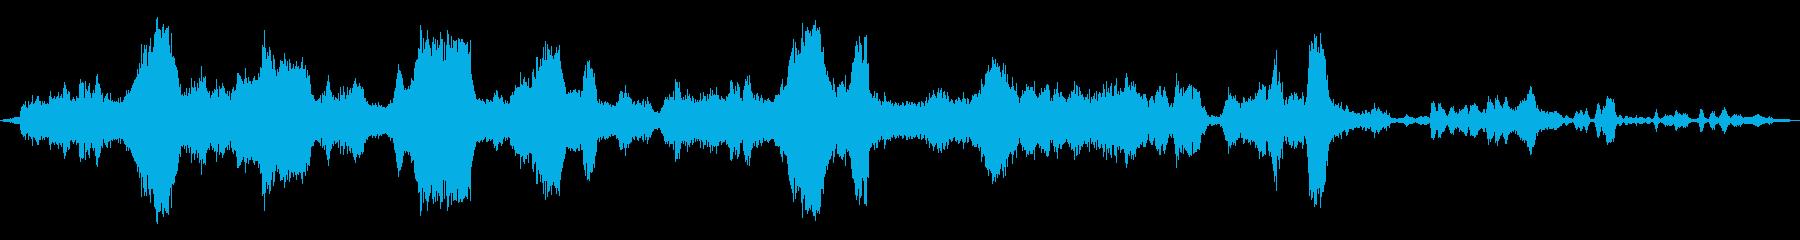 タイムトラベルミュージカルパルサーの再生済みの波形